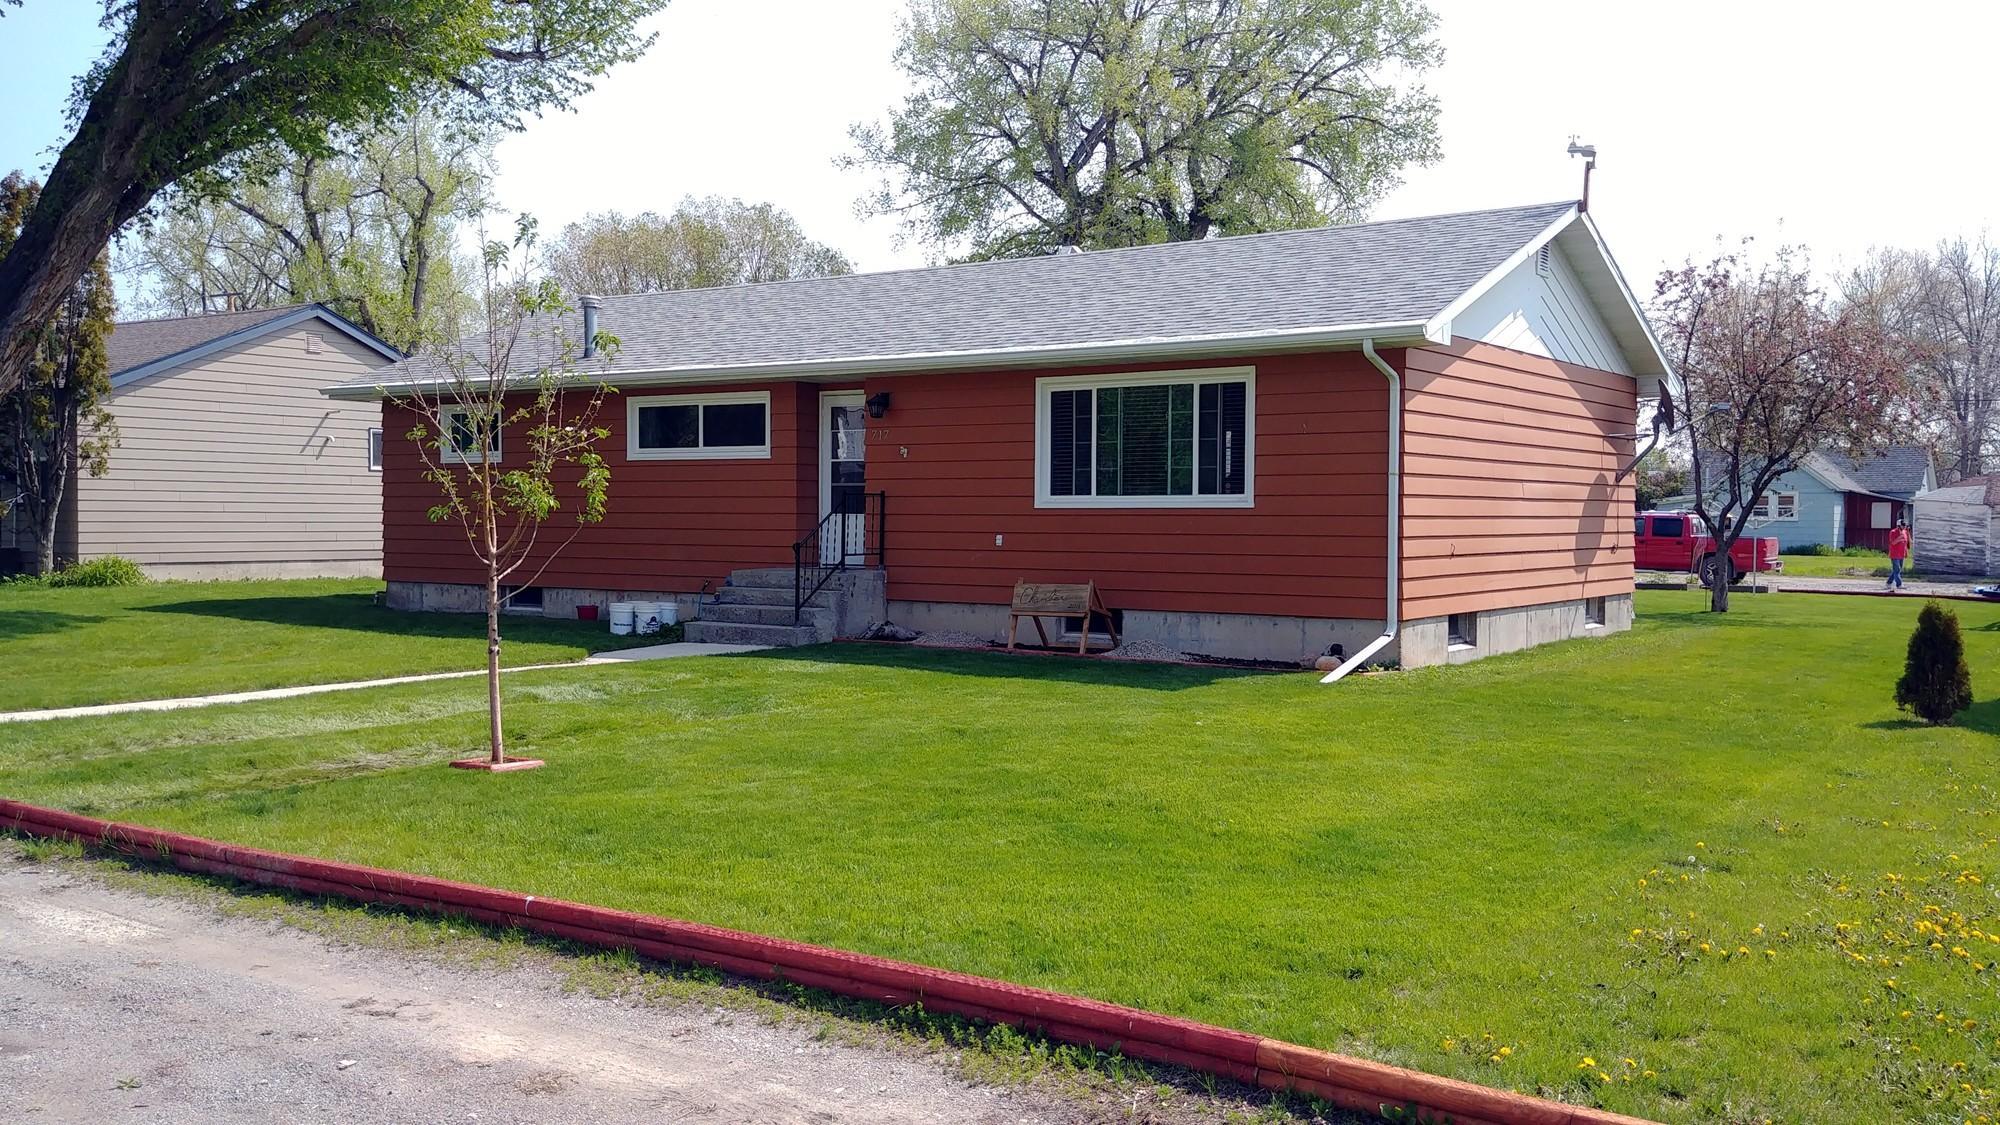 717 8th Avenue N W, Choteau, MT 59422